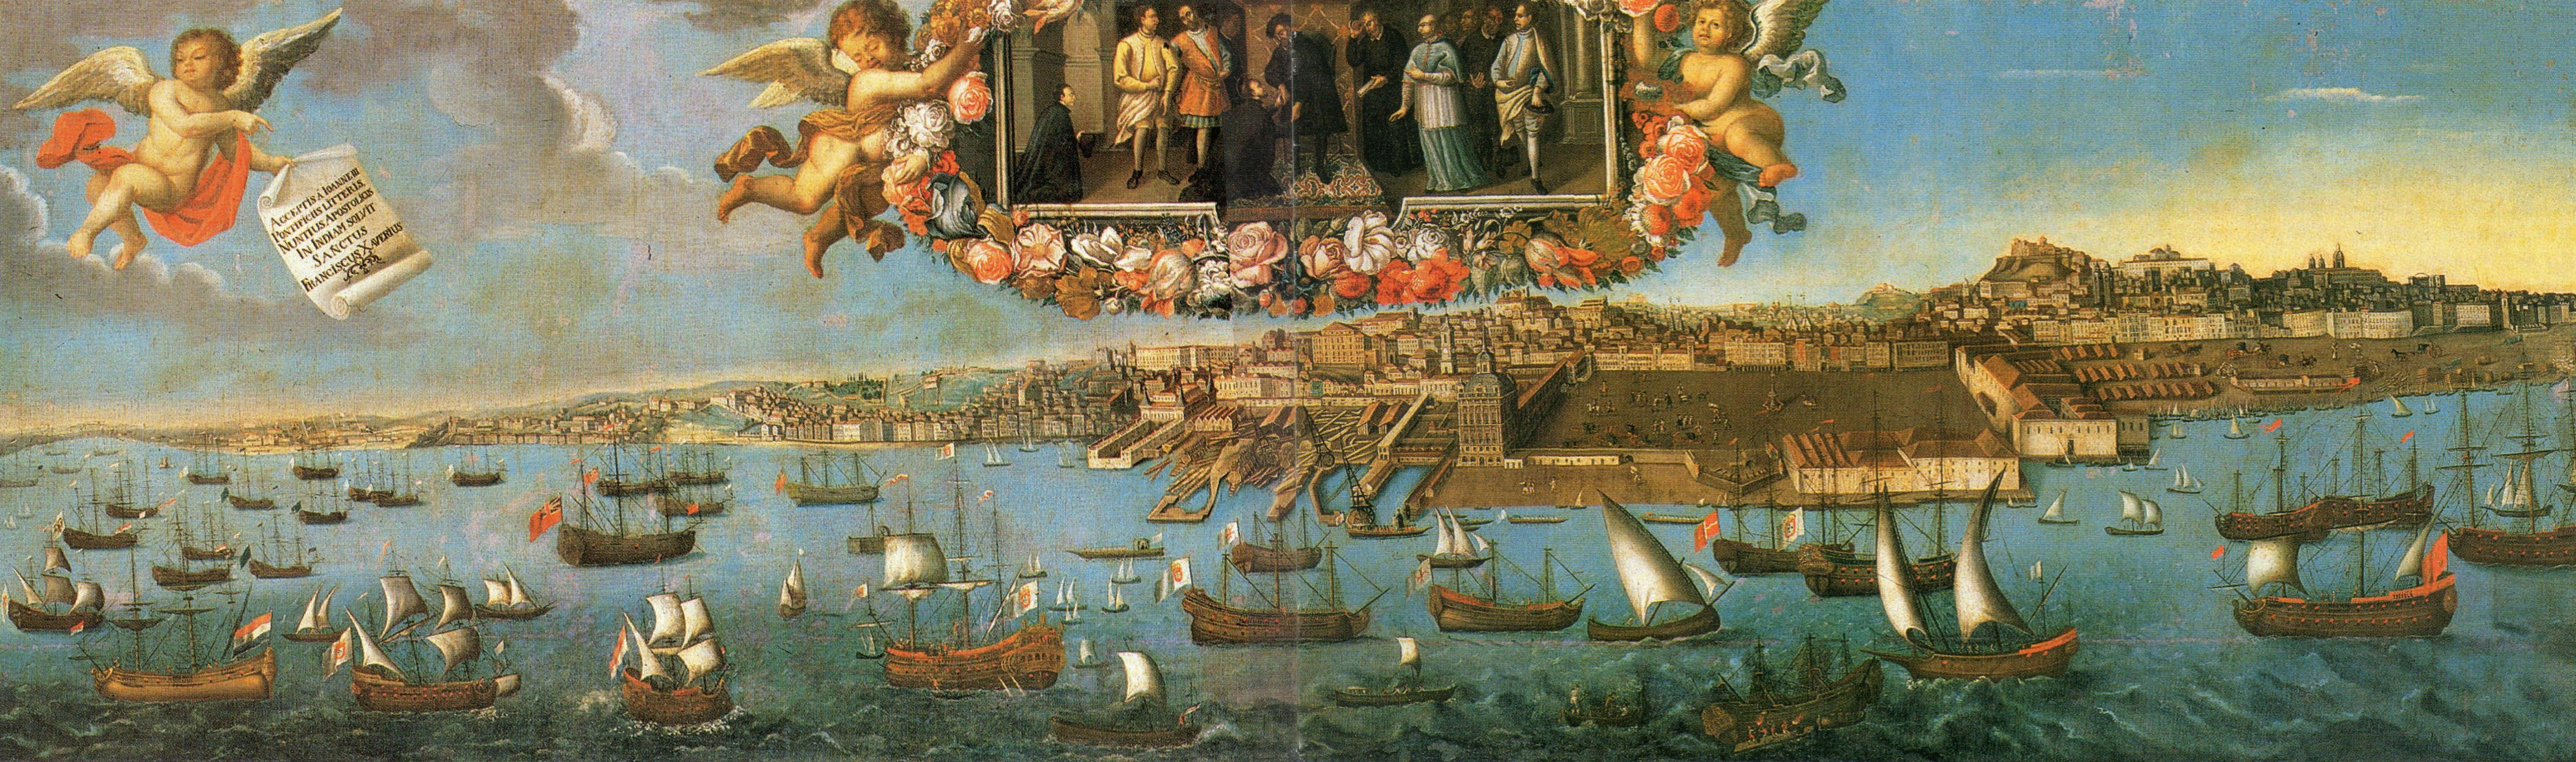 File:Lisboa 1730.jpg